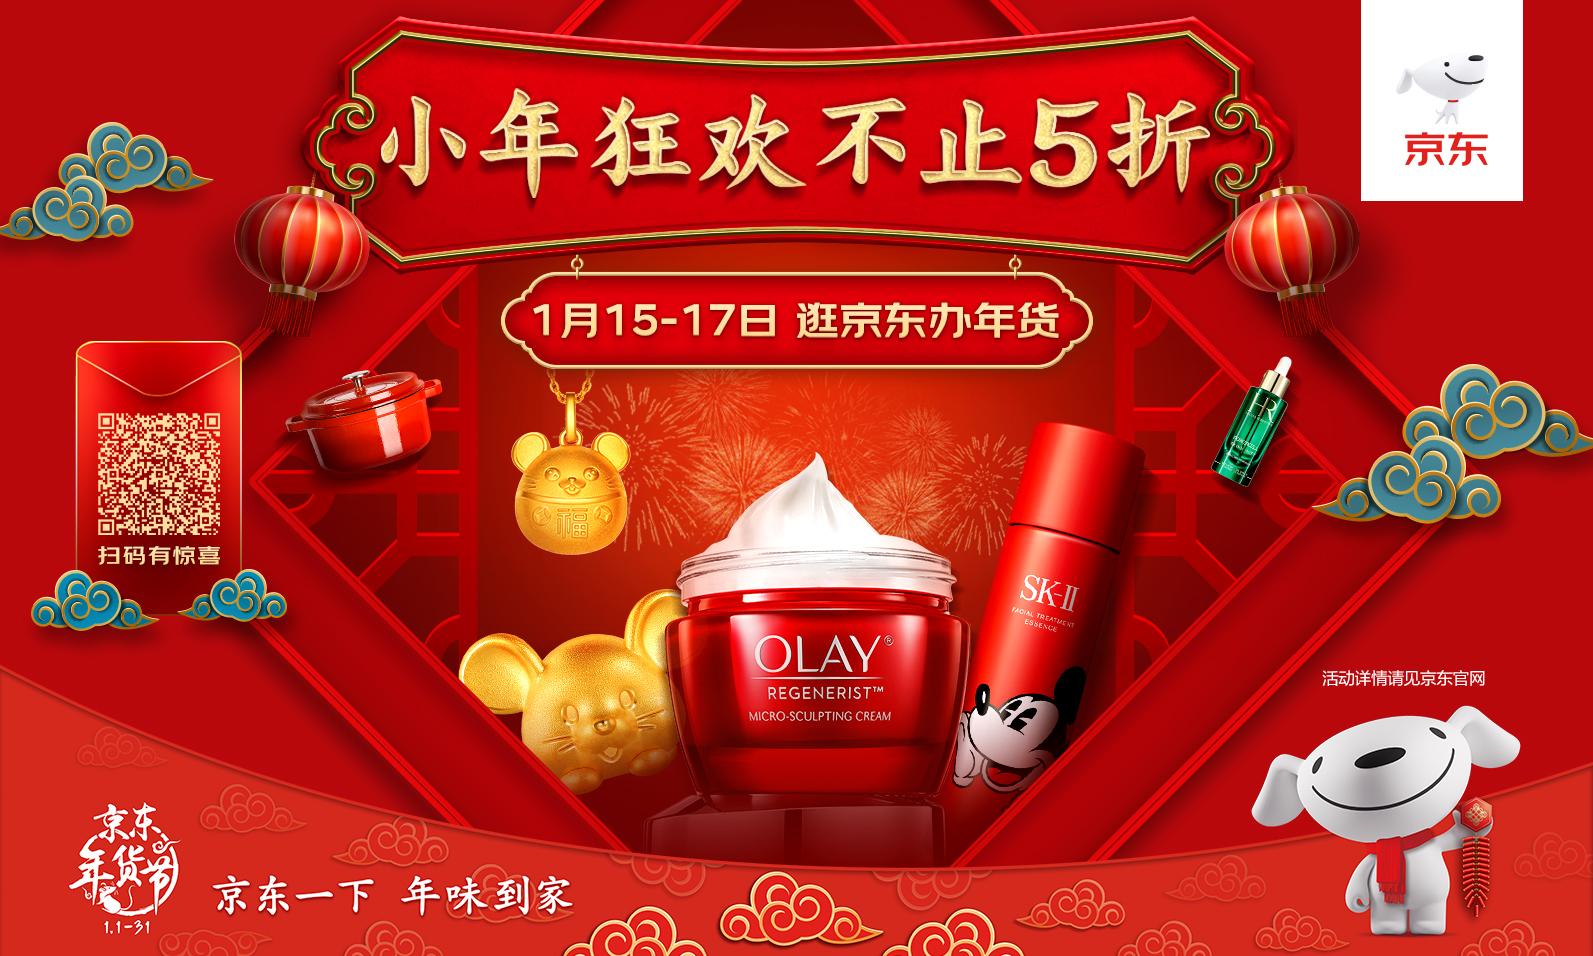 抗初老成消费新趋势 OLAY第五代大红瓶京东年货节首发受追捧